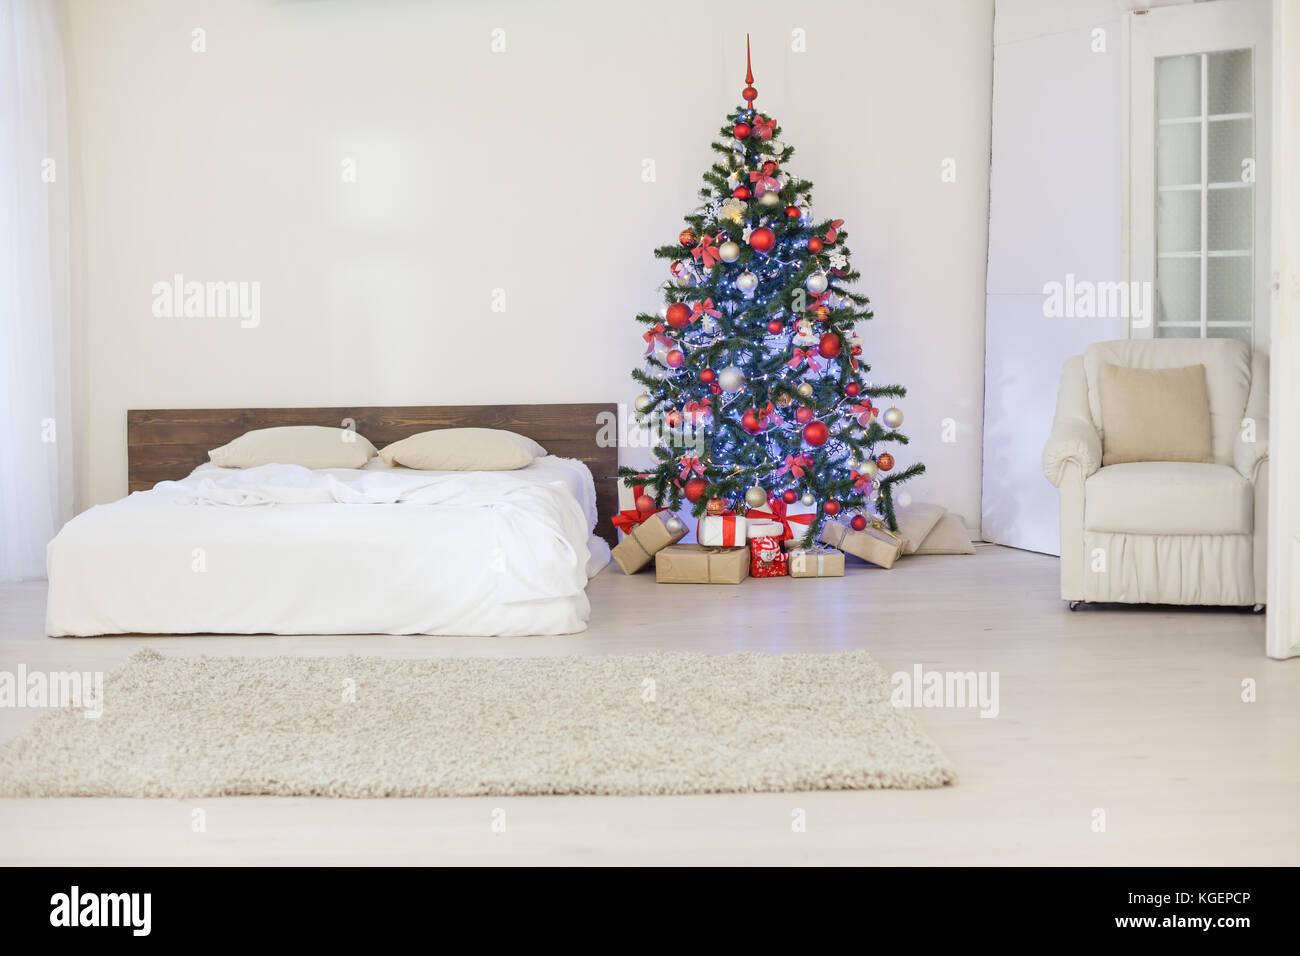 Arredamento camera da letto bianca con albero di Natale regali di ...